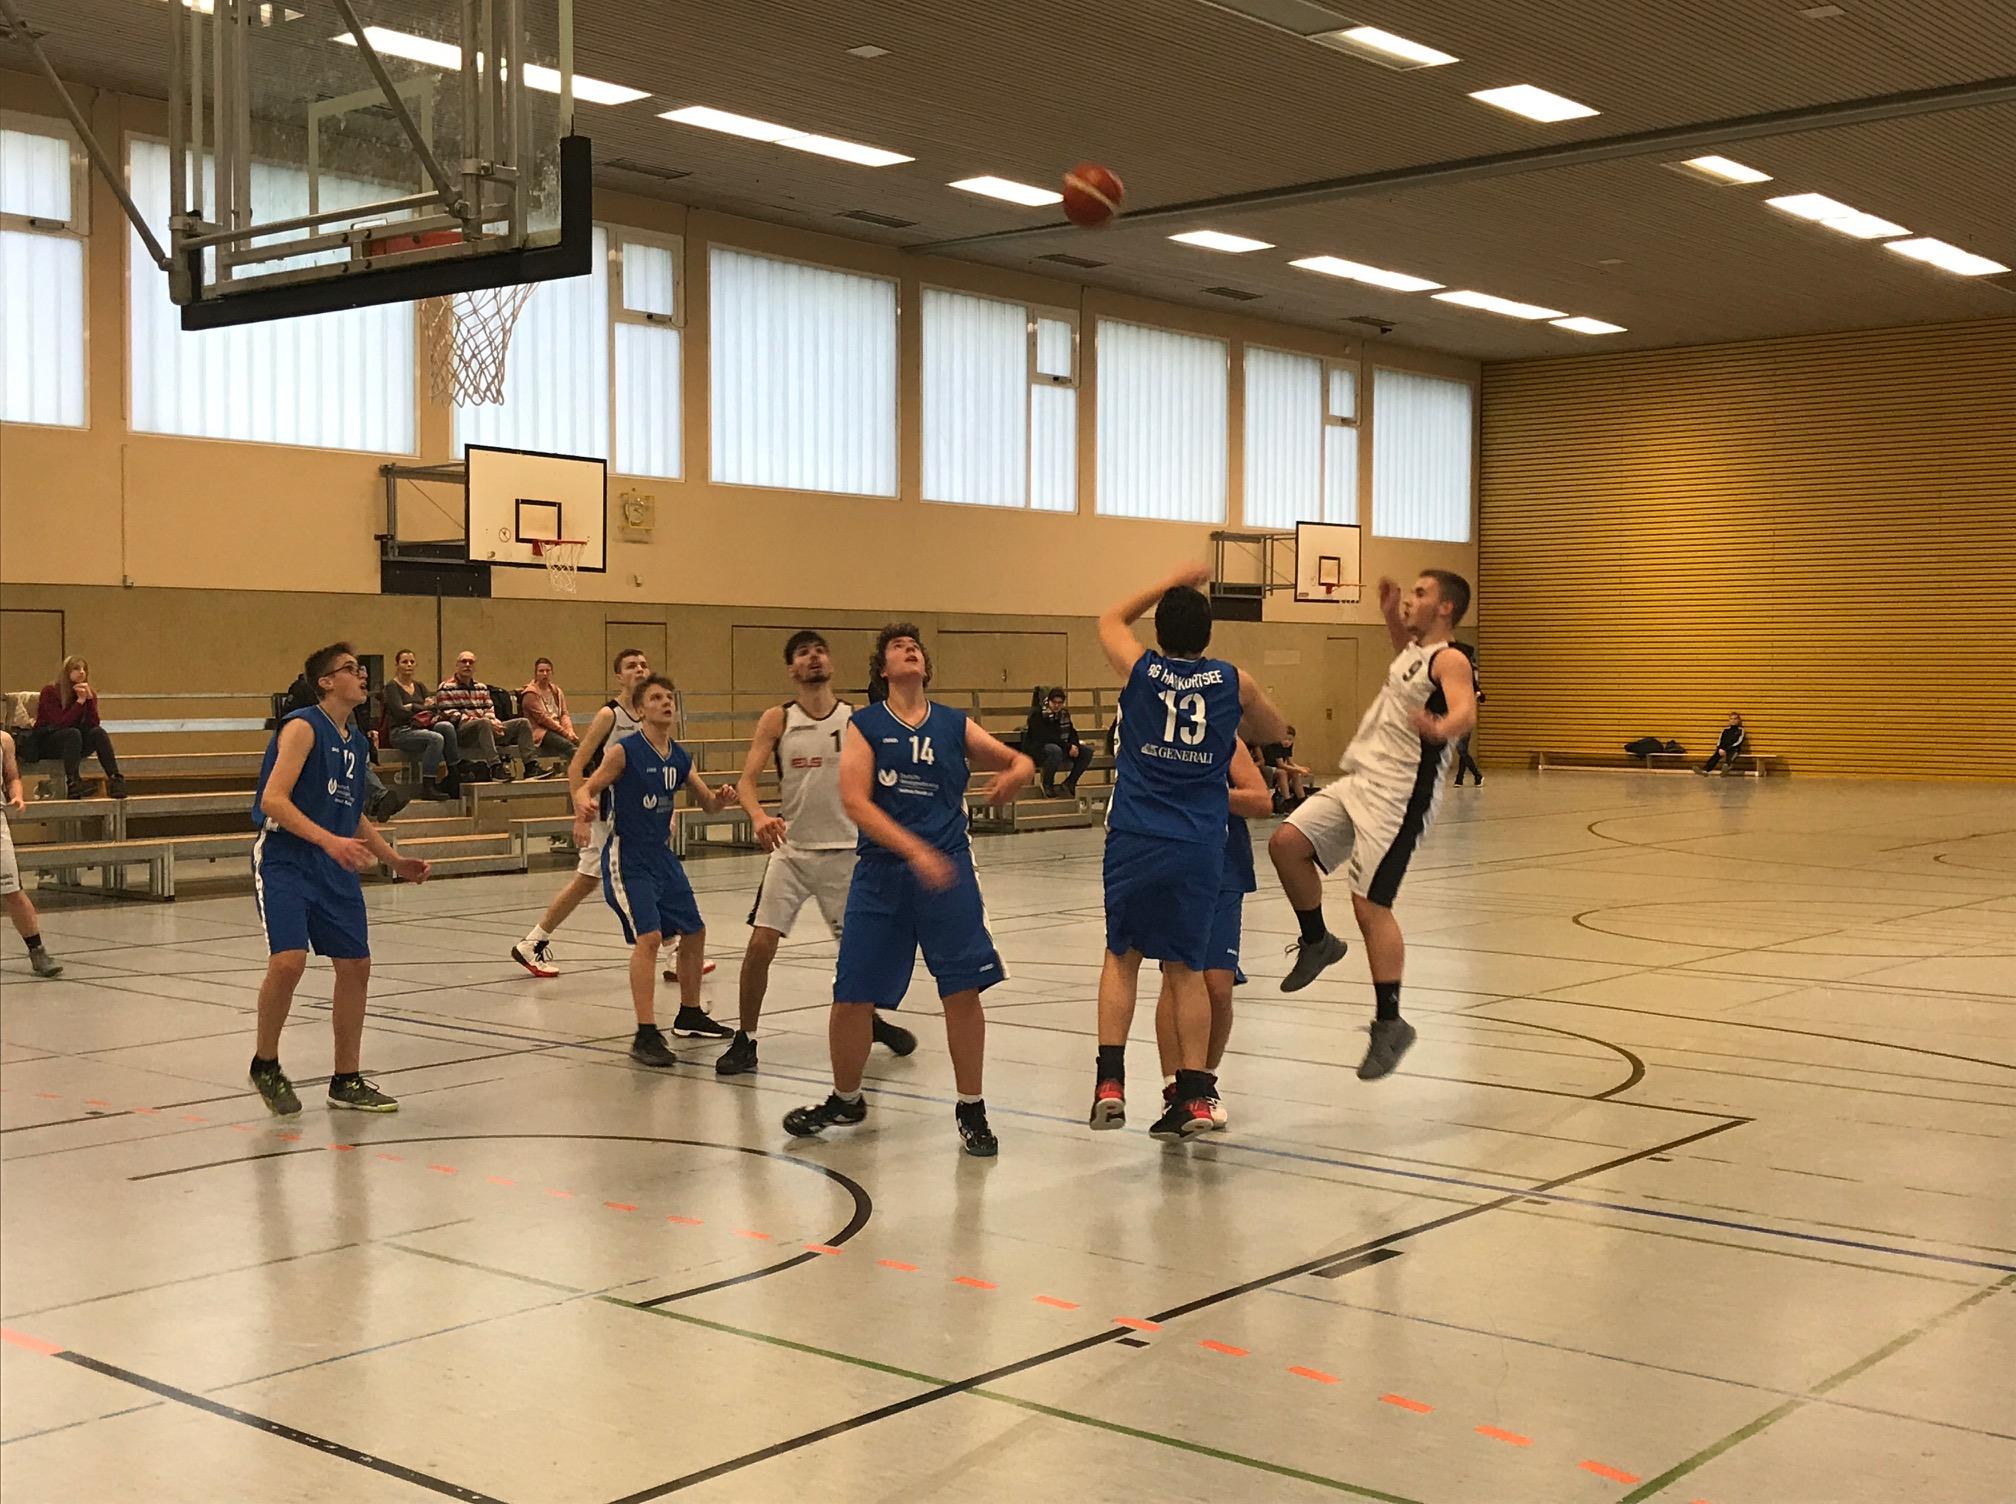 U18-Kreisliga: Verdienter Sieg nach spannender Schlussphase